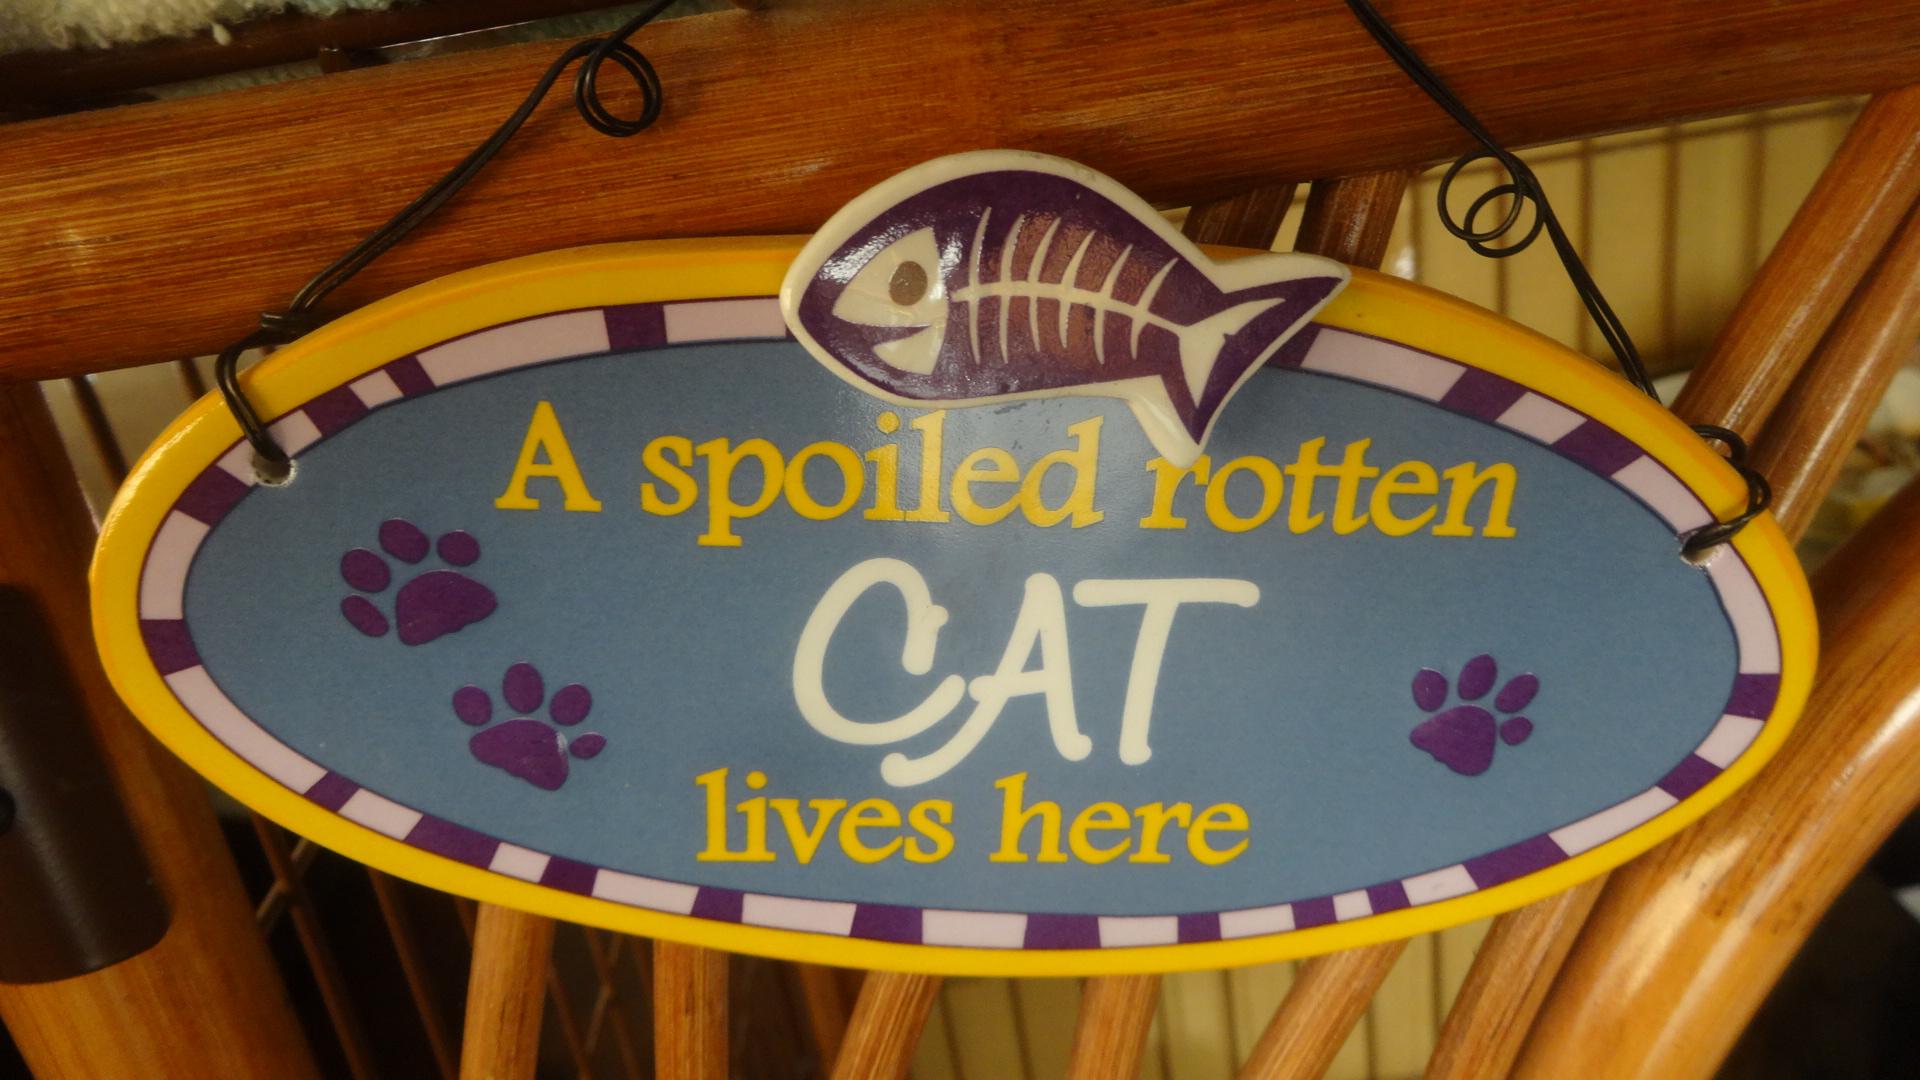 思い切り甘やかされた わがままなネコが この家に住んでいます と書かれた標語